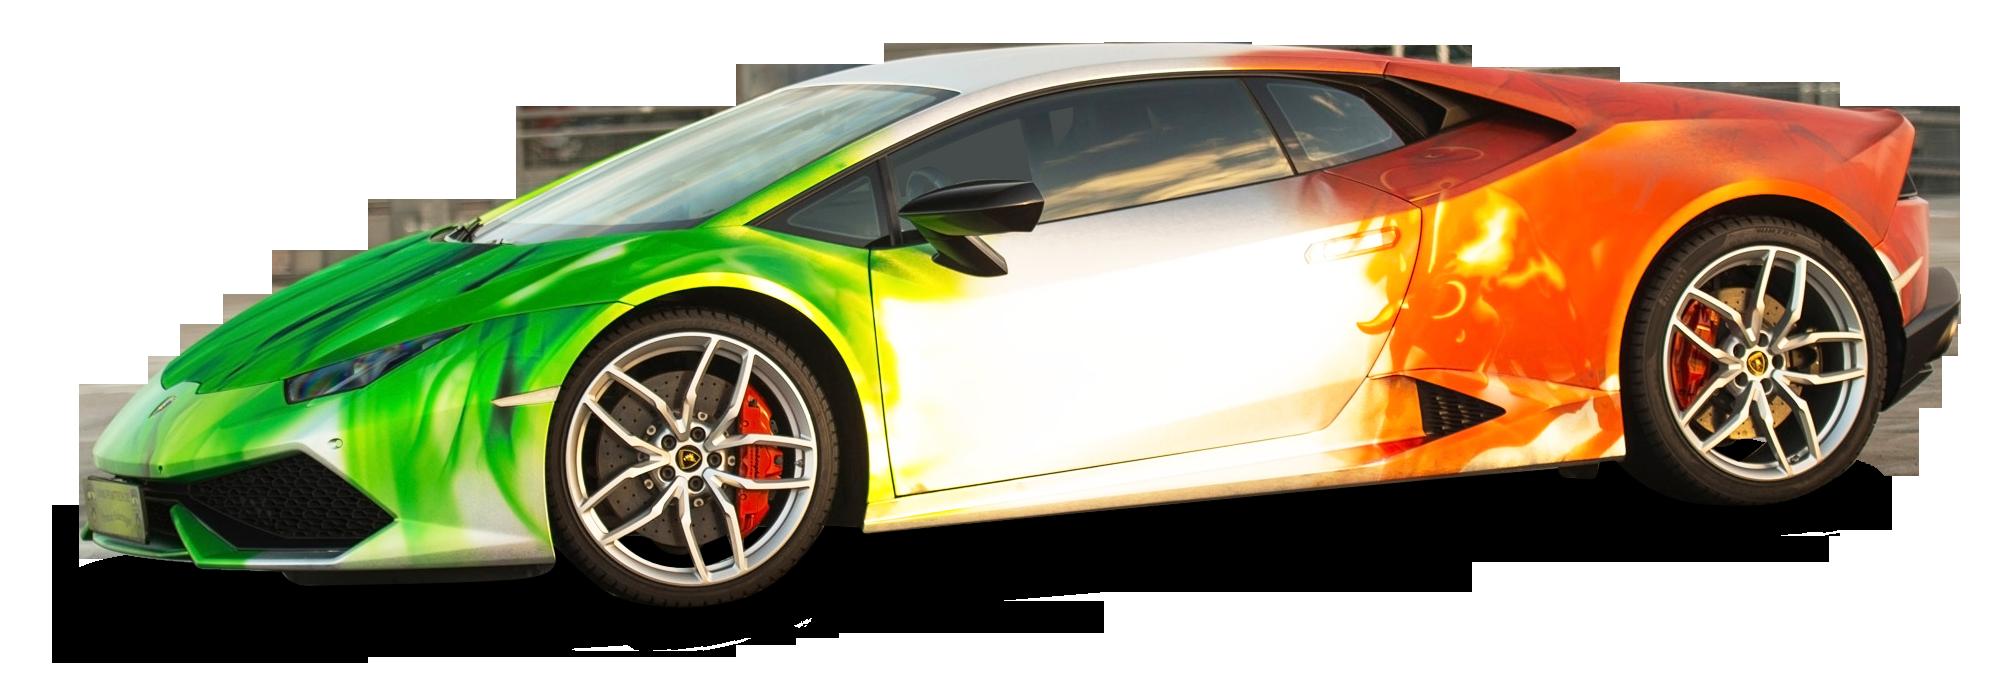 Lamborghini Huracan Car Png Image Lamborghini Huracan Lamborghini Car